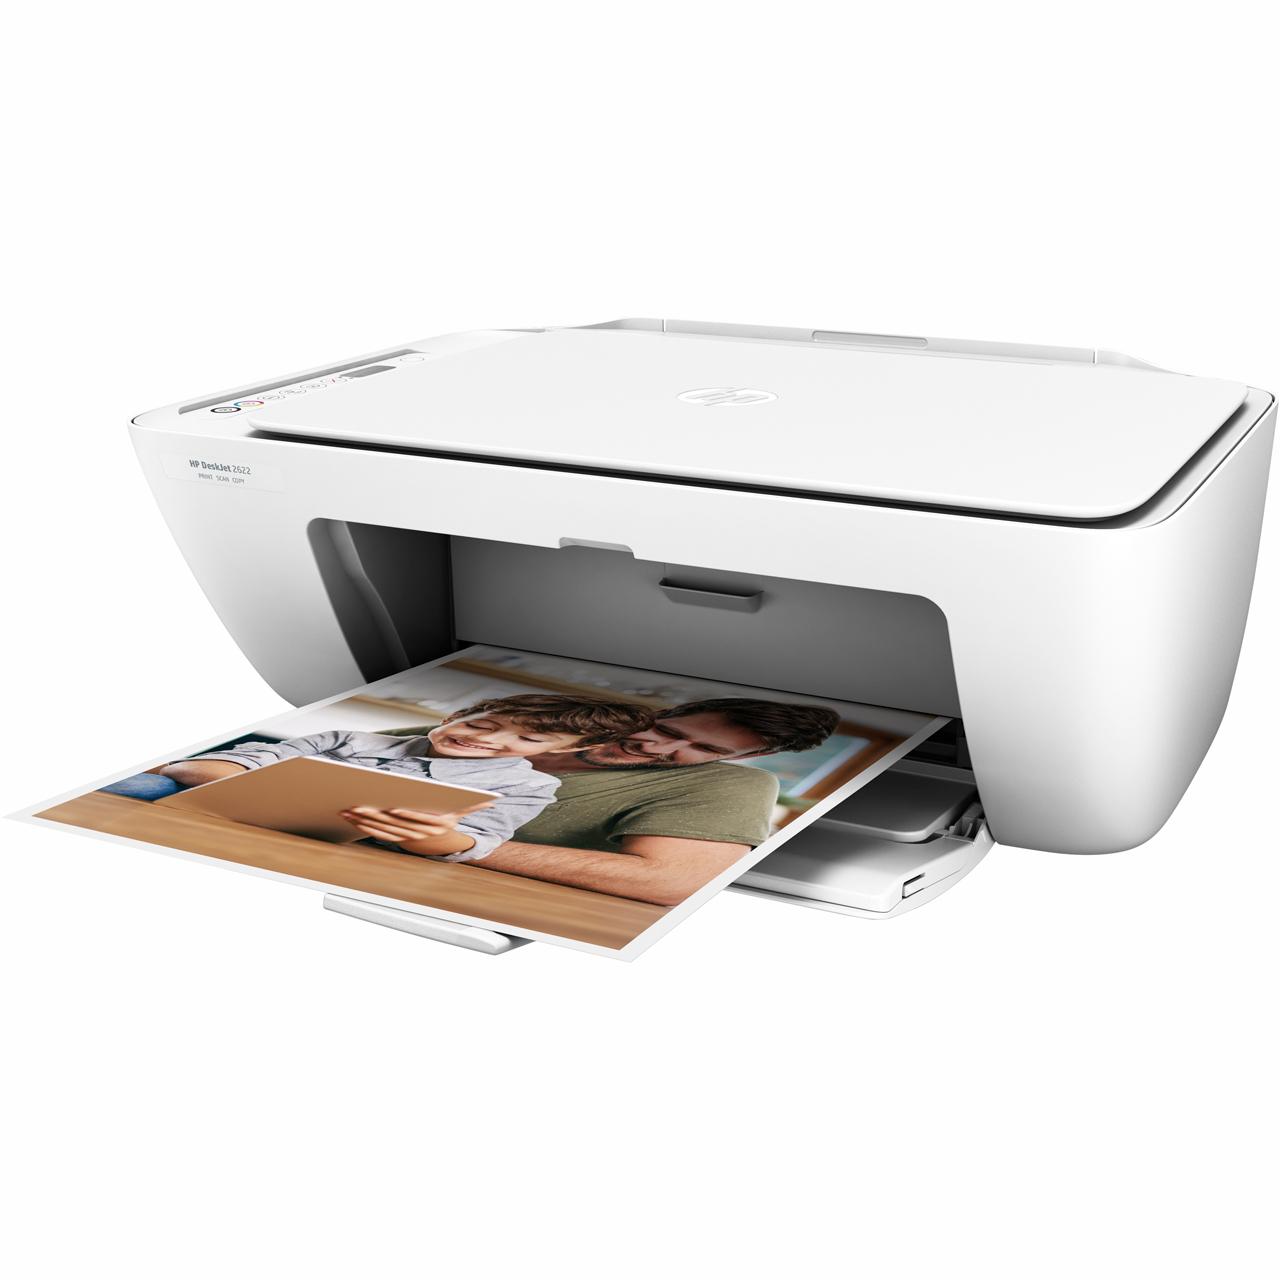 HP DeskJet 2622 Inkjet all-in-one printer in white for £26.10 delivered (using code) @ AO